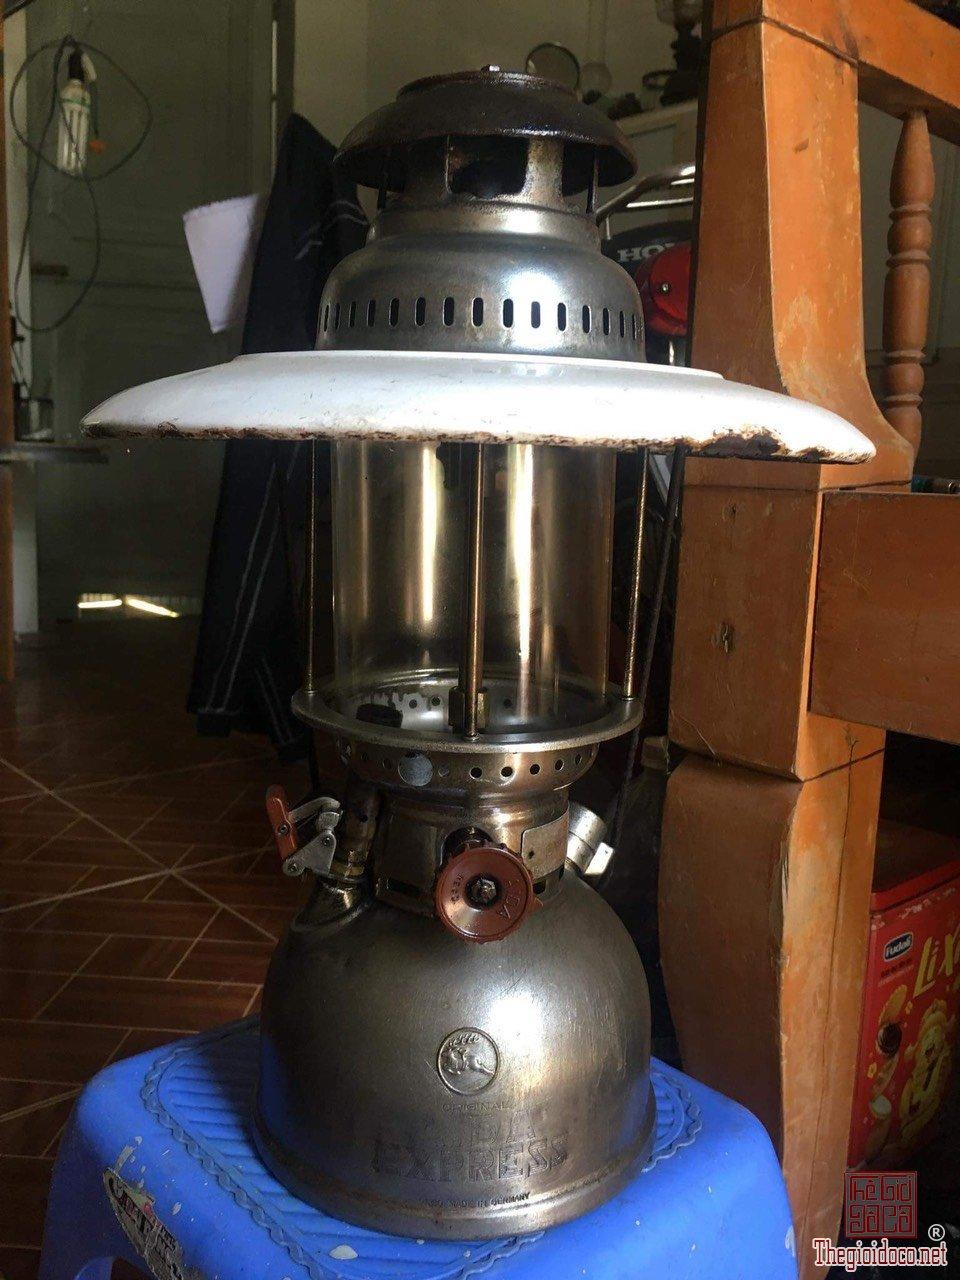 đèn măng xông AiDa GerMany bầu đồng của Đức còn hoạt động tốt zalo: 0776218163 Hoàng Thiên